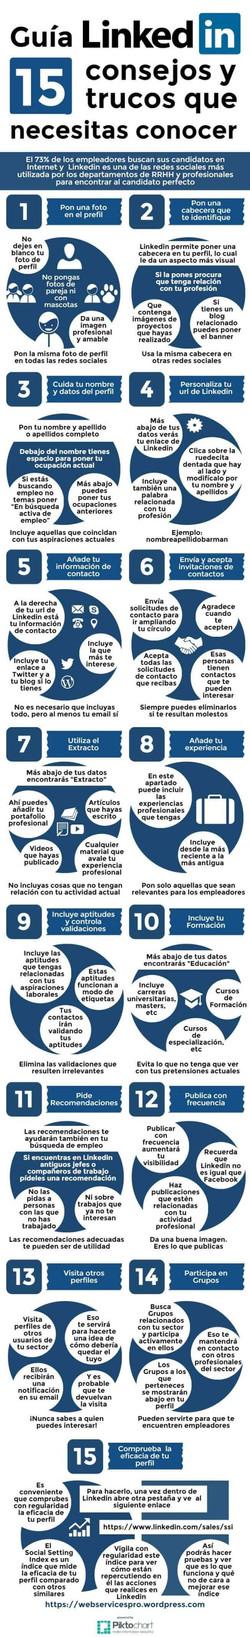 Guía_Linkedin__15_consejos_y_trucos_que